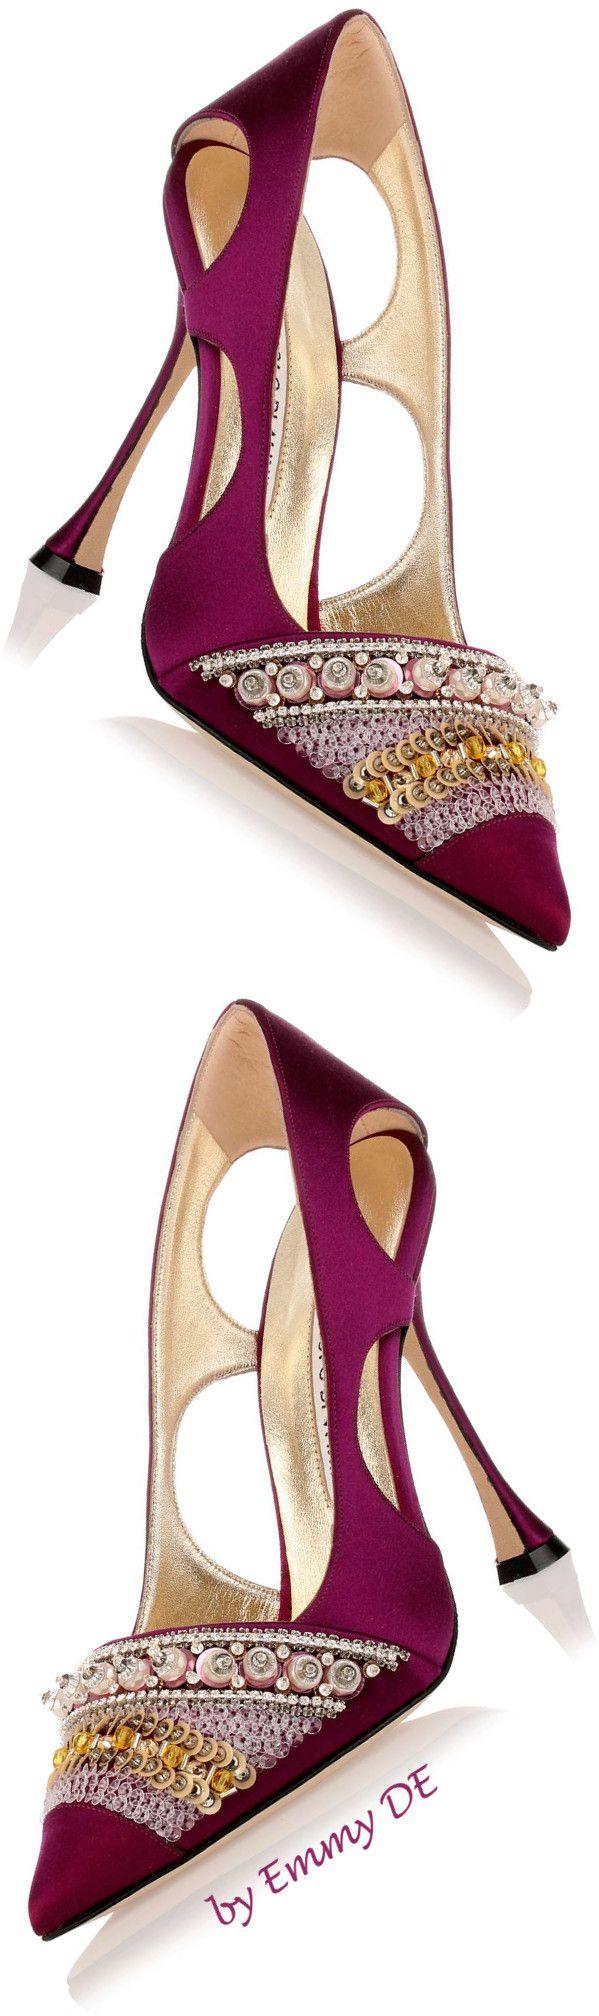 Emmy DE * Manolo Blahnik 'Ravani' AW 2015  |  @  shoes 1